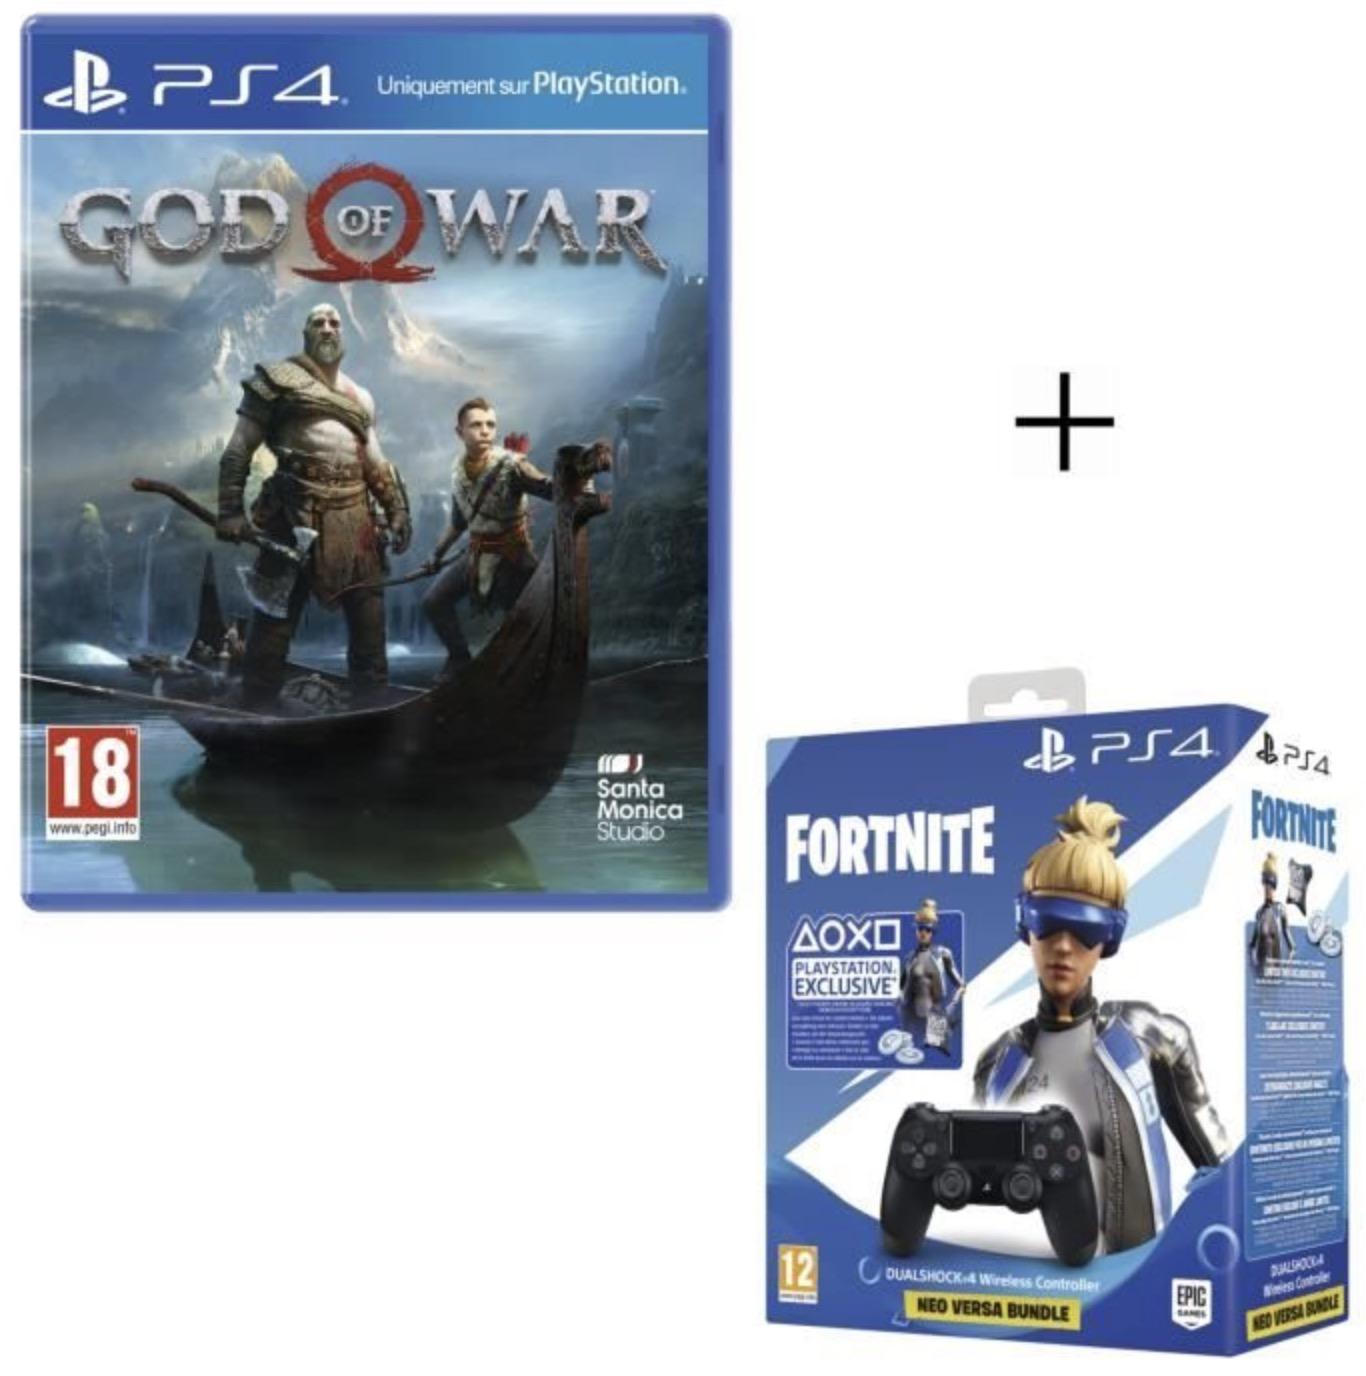 Code promo Cdiscount : JeuGod Of War + Manette PS4 DualShock 4 Noire V2 + Voucher Fortnite à 49,99€ +